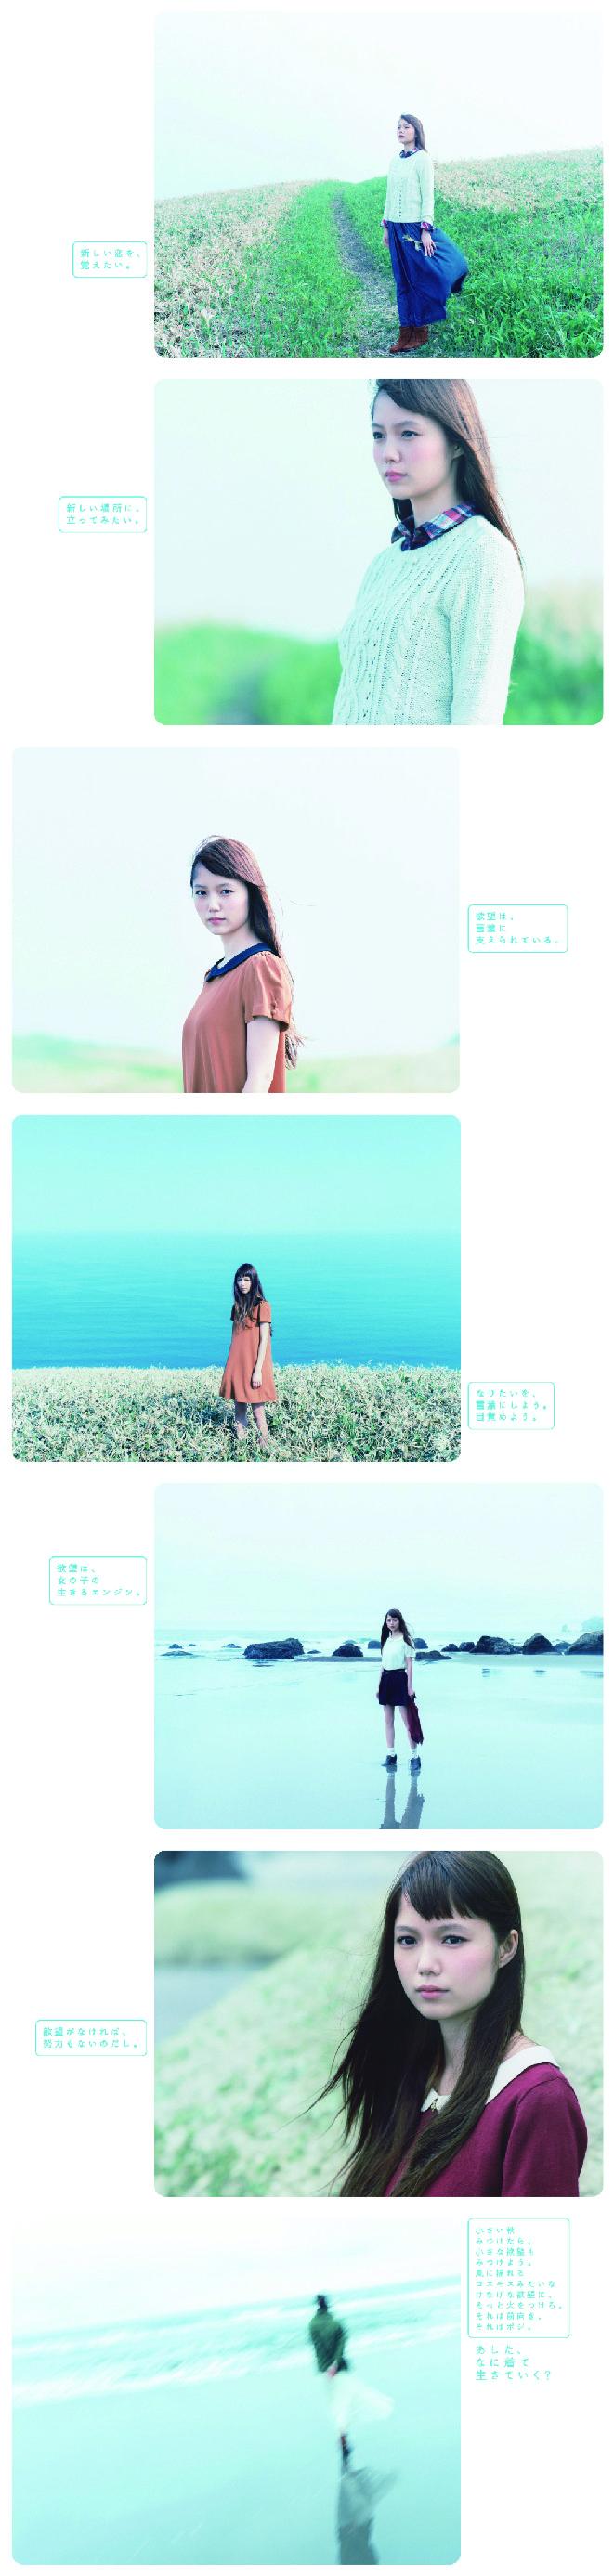 宮﨑あおい earth music&ecology (アースミュージック&エコロジー) 2013 秋【2】